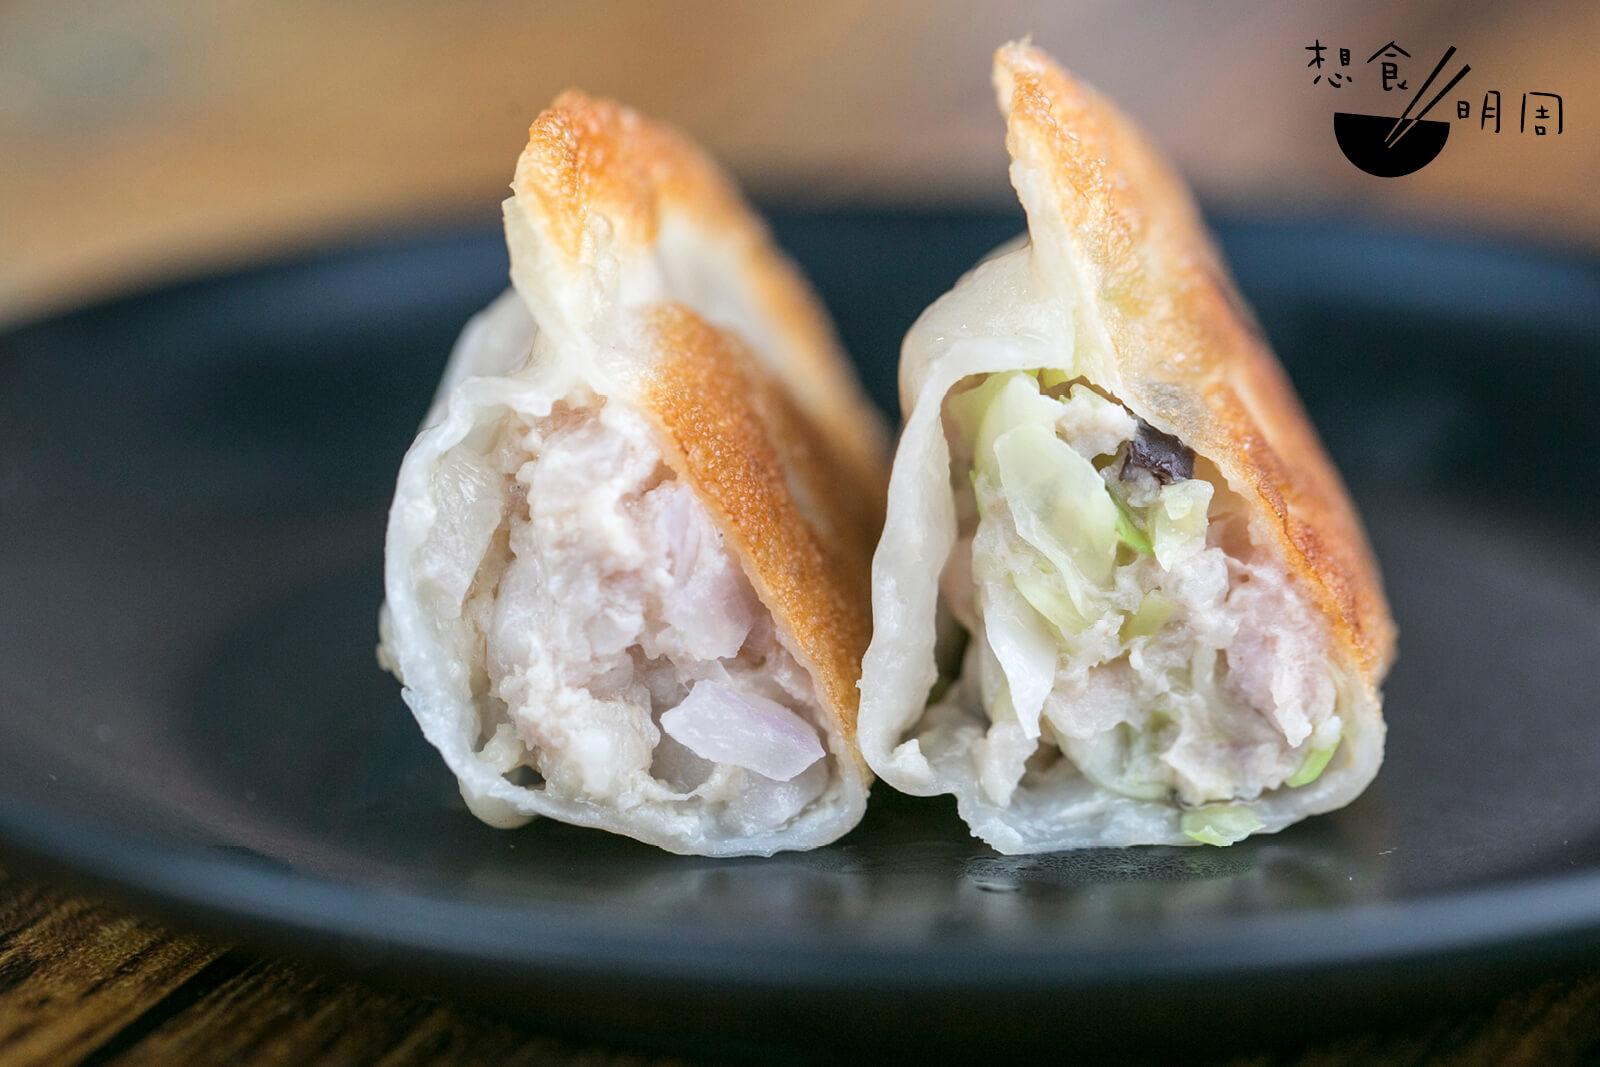 左:洋葱豬肉餃子 右:雪耳椰菜豬肉餃子